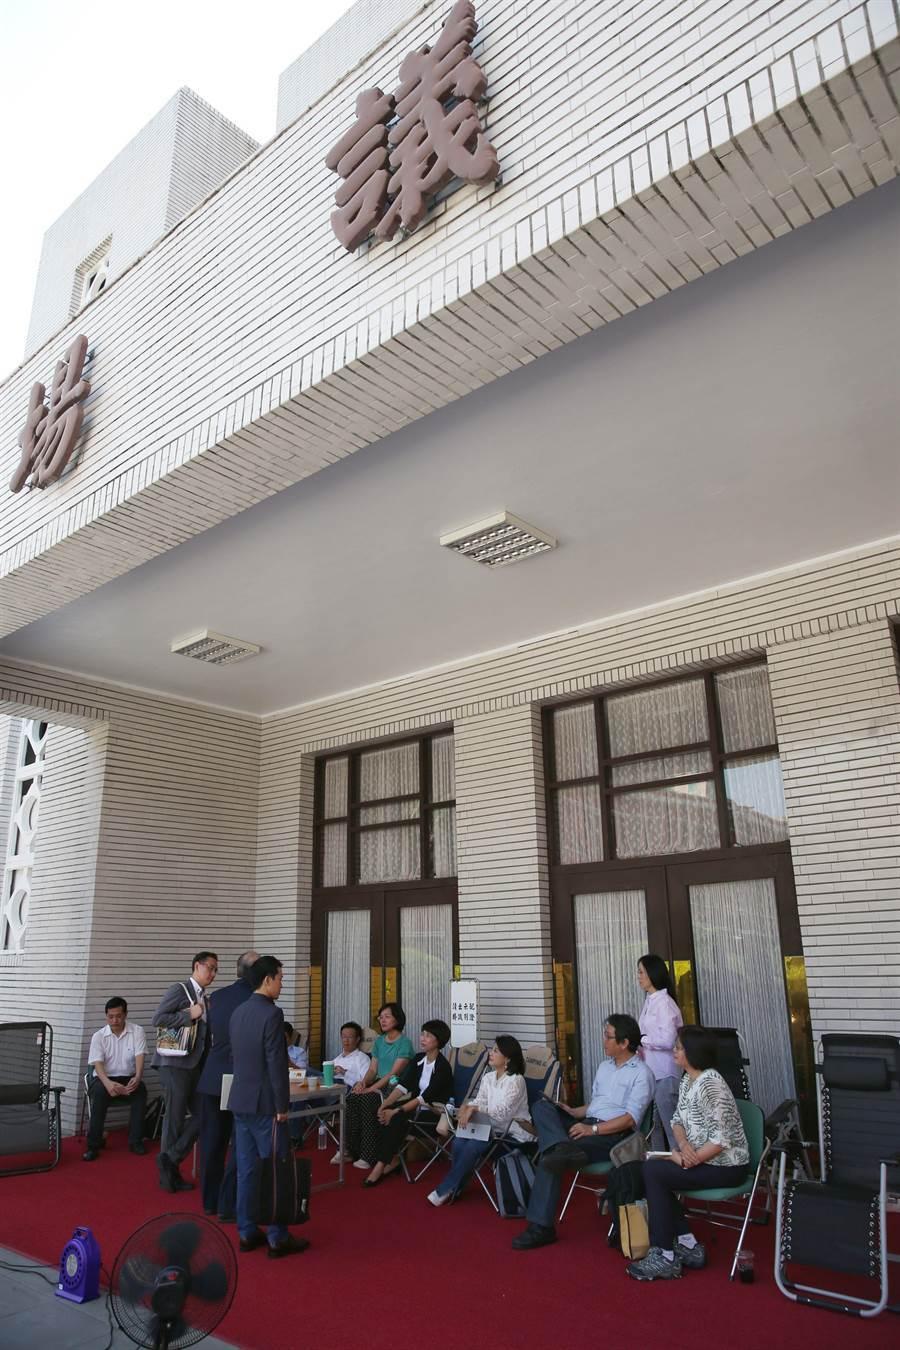 立法院14日起審查充滿爭議的監察院人事案,民進黨團為預防國民黨再次發動奇襲,委員輪班在議場前待命。(王英豪攝)